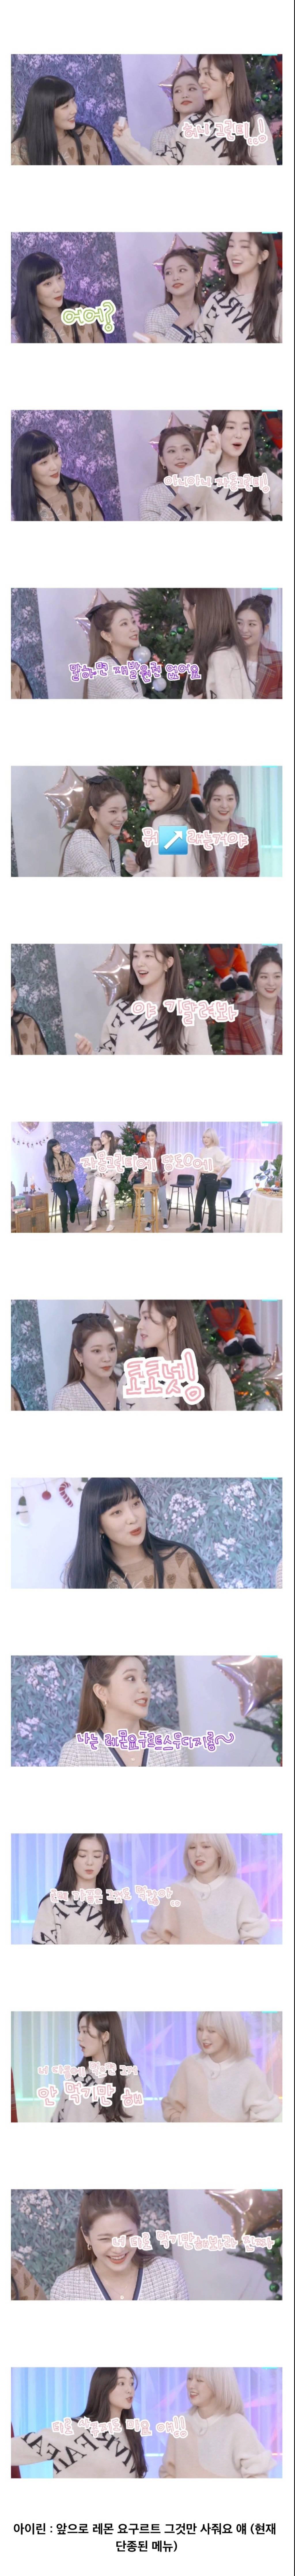 아이린의 레드벨벳 멤버들 버블티(공차) 취향 맞추기 ㅋㅋㅋ.jpg | 인스티즈